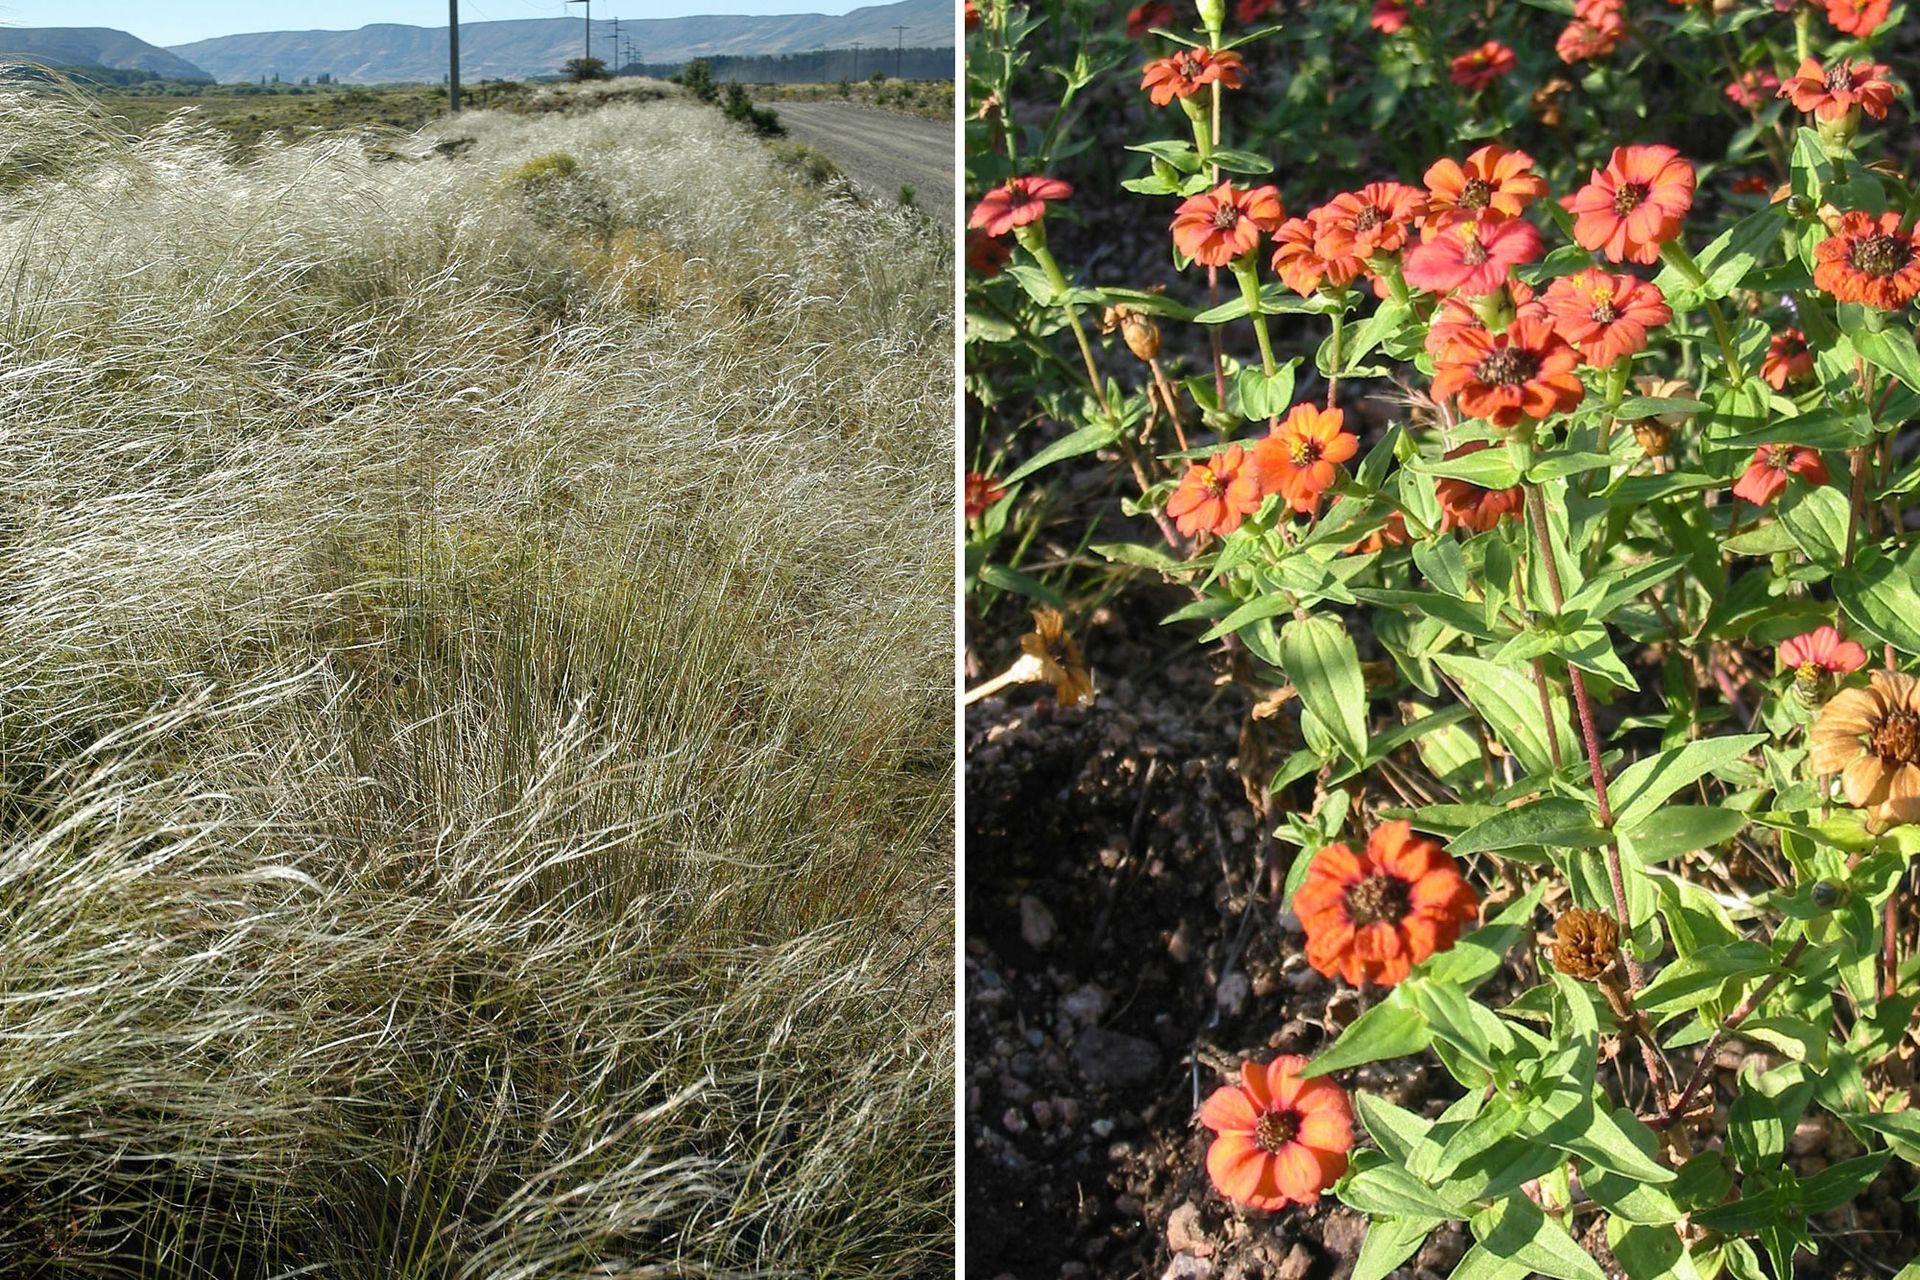 Izquierda: Stipa hyalina (flechilla mansa) Gramínea de aspecto suave que llega a medir hasta 1 m de altura. Sus espigas se encorvan y se presentan desde octubre a marzo. Se propaga por semillas. Derecha:  Zinnia peruviana Planta anual, con hojas opuestas. Sus flores son de color rojo, de 5 cm de diámetro. Necesita pleno sol y suelos bien drenados. Se multiplica fácilmente por semillas.